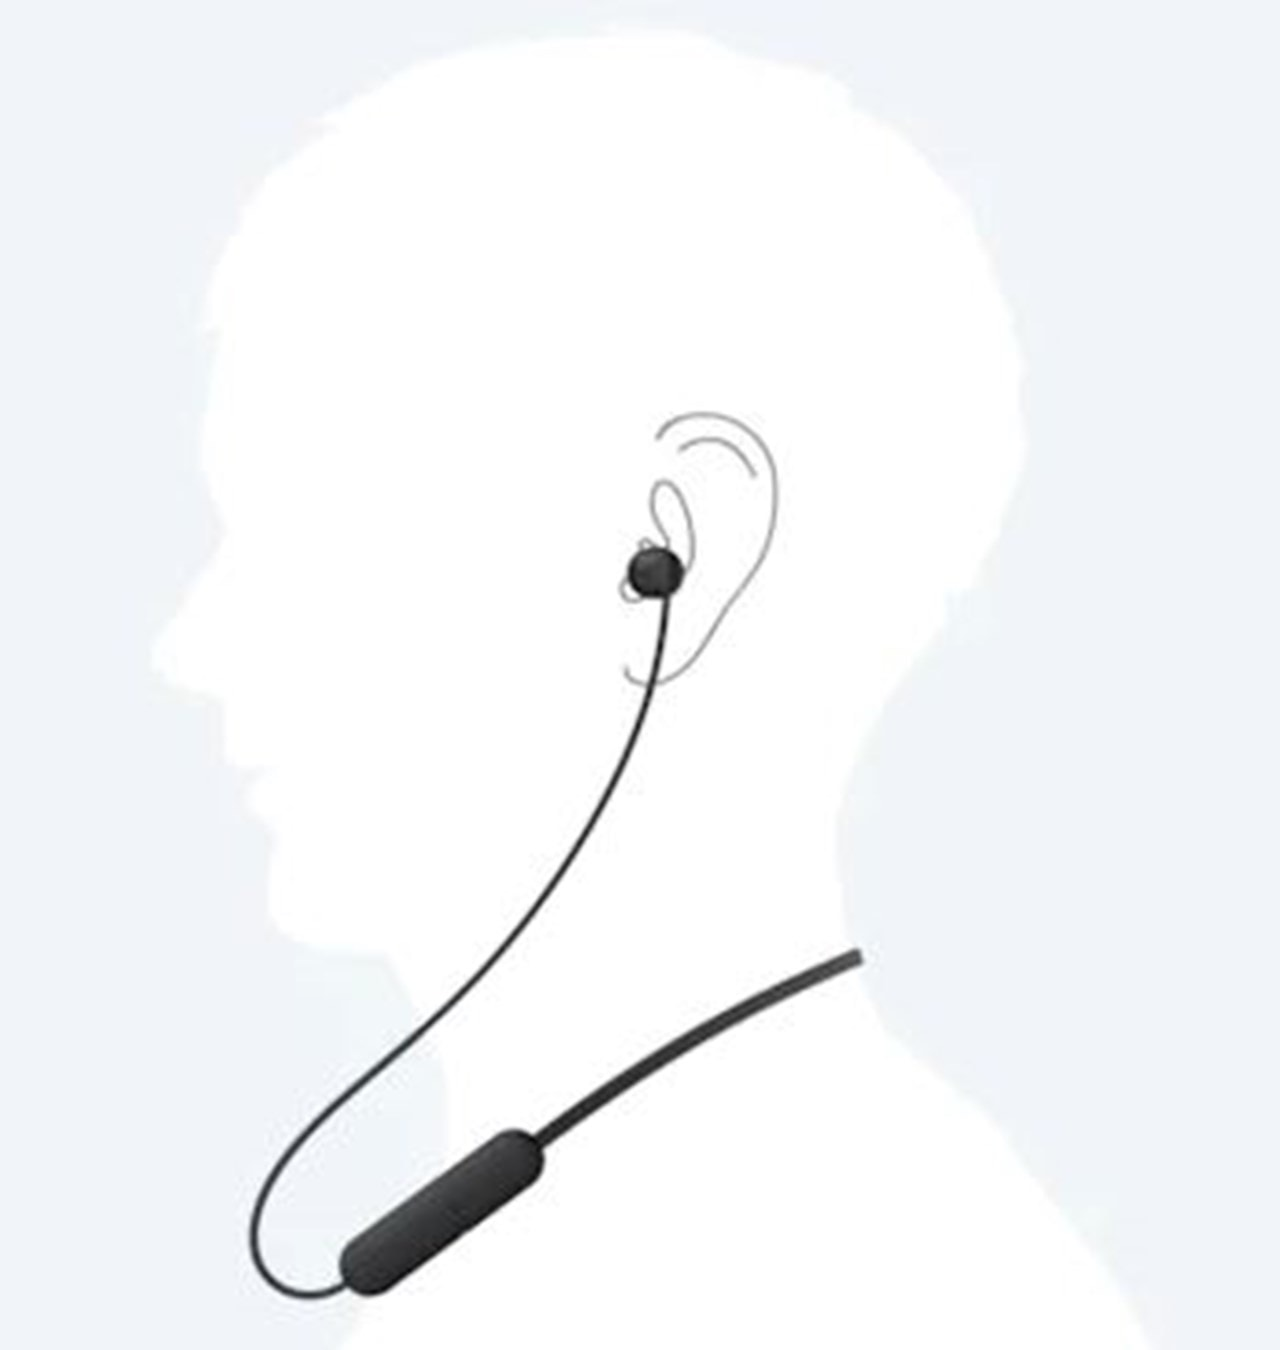 Sony WI-C200 White Bluetooth Earphones - 5